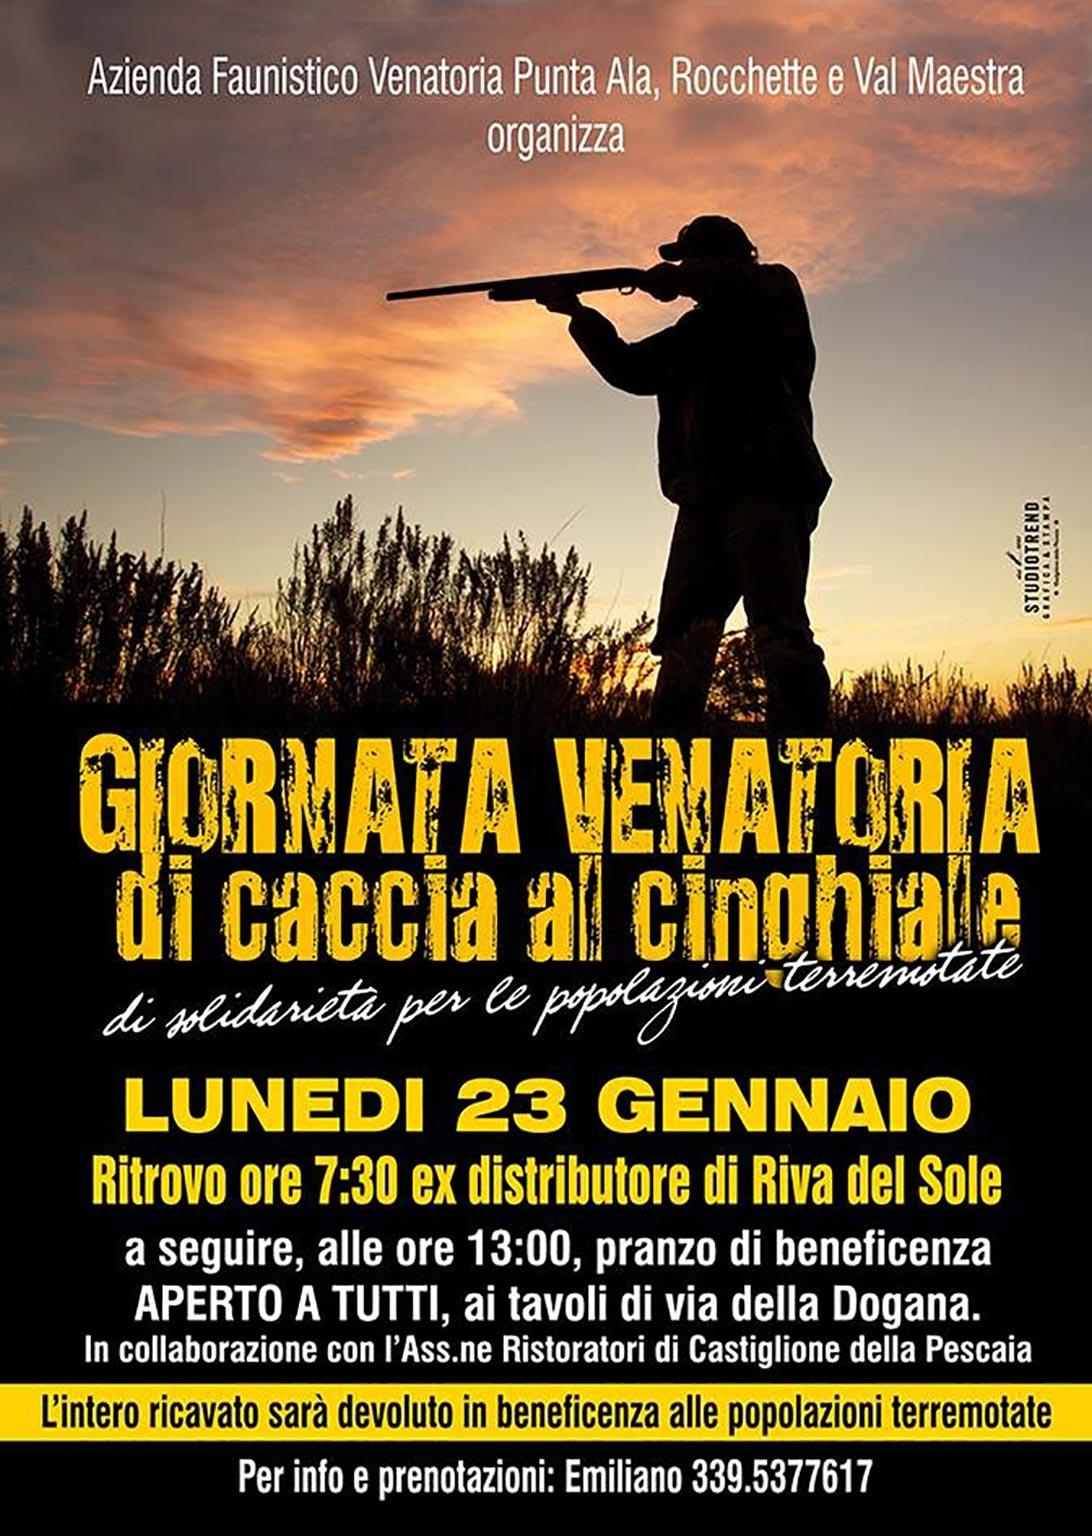 braccata_cinghiale_castiglione_della_pescaia